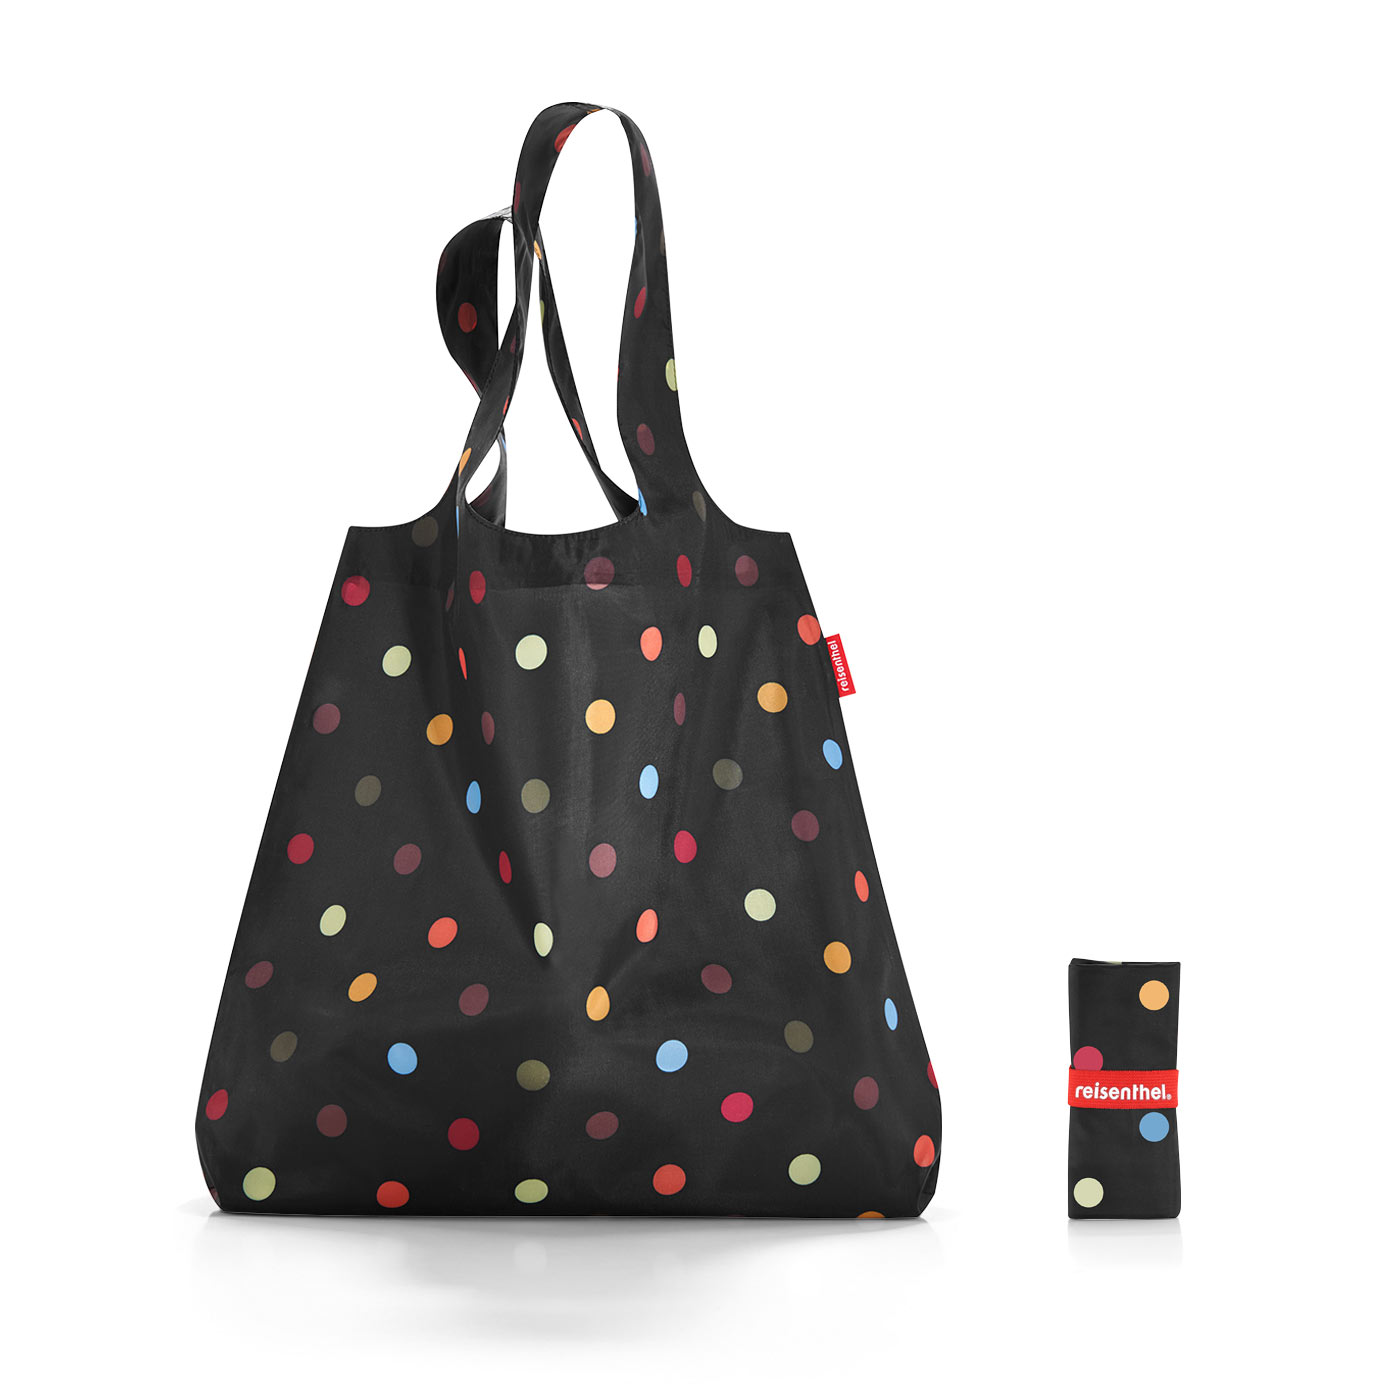 Reisenthel Mini Maxi Shopper Fekete Pöttyös Bevásárlótáska ... 6c82efe79e